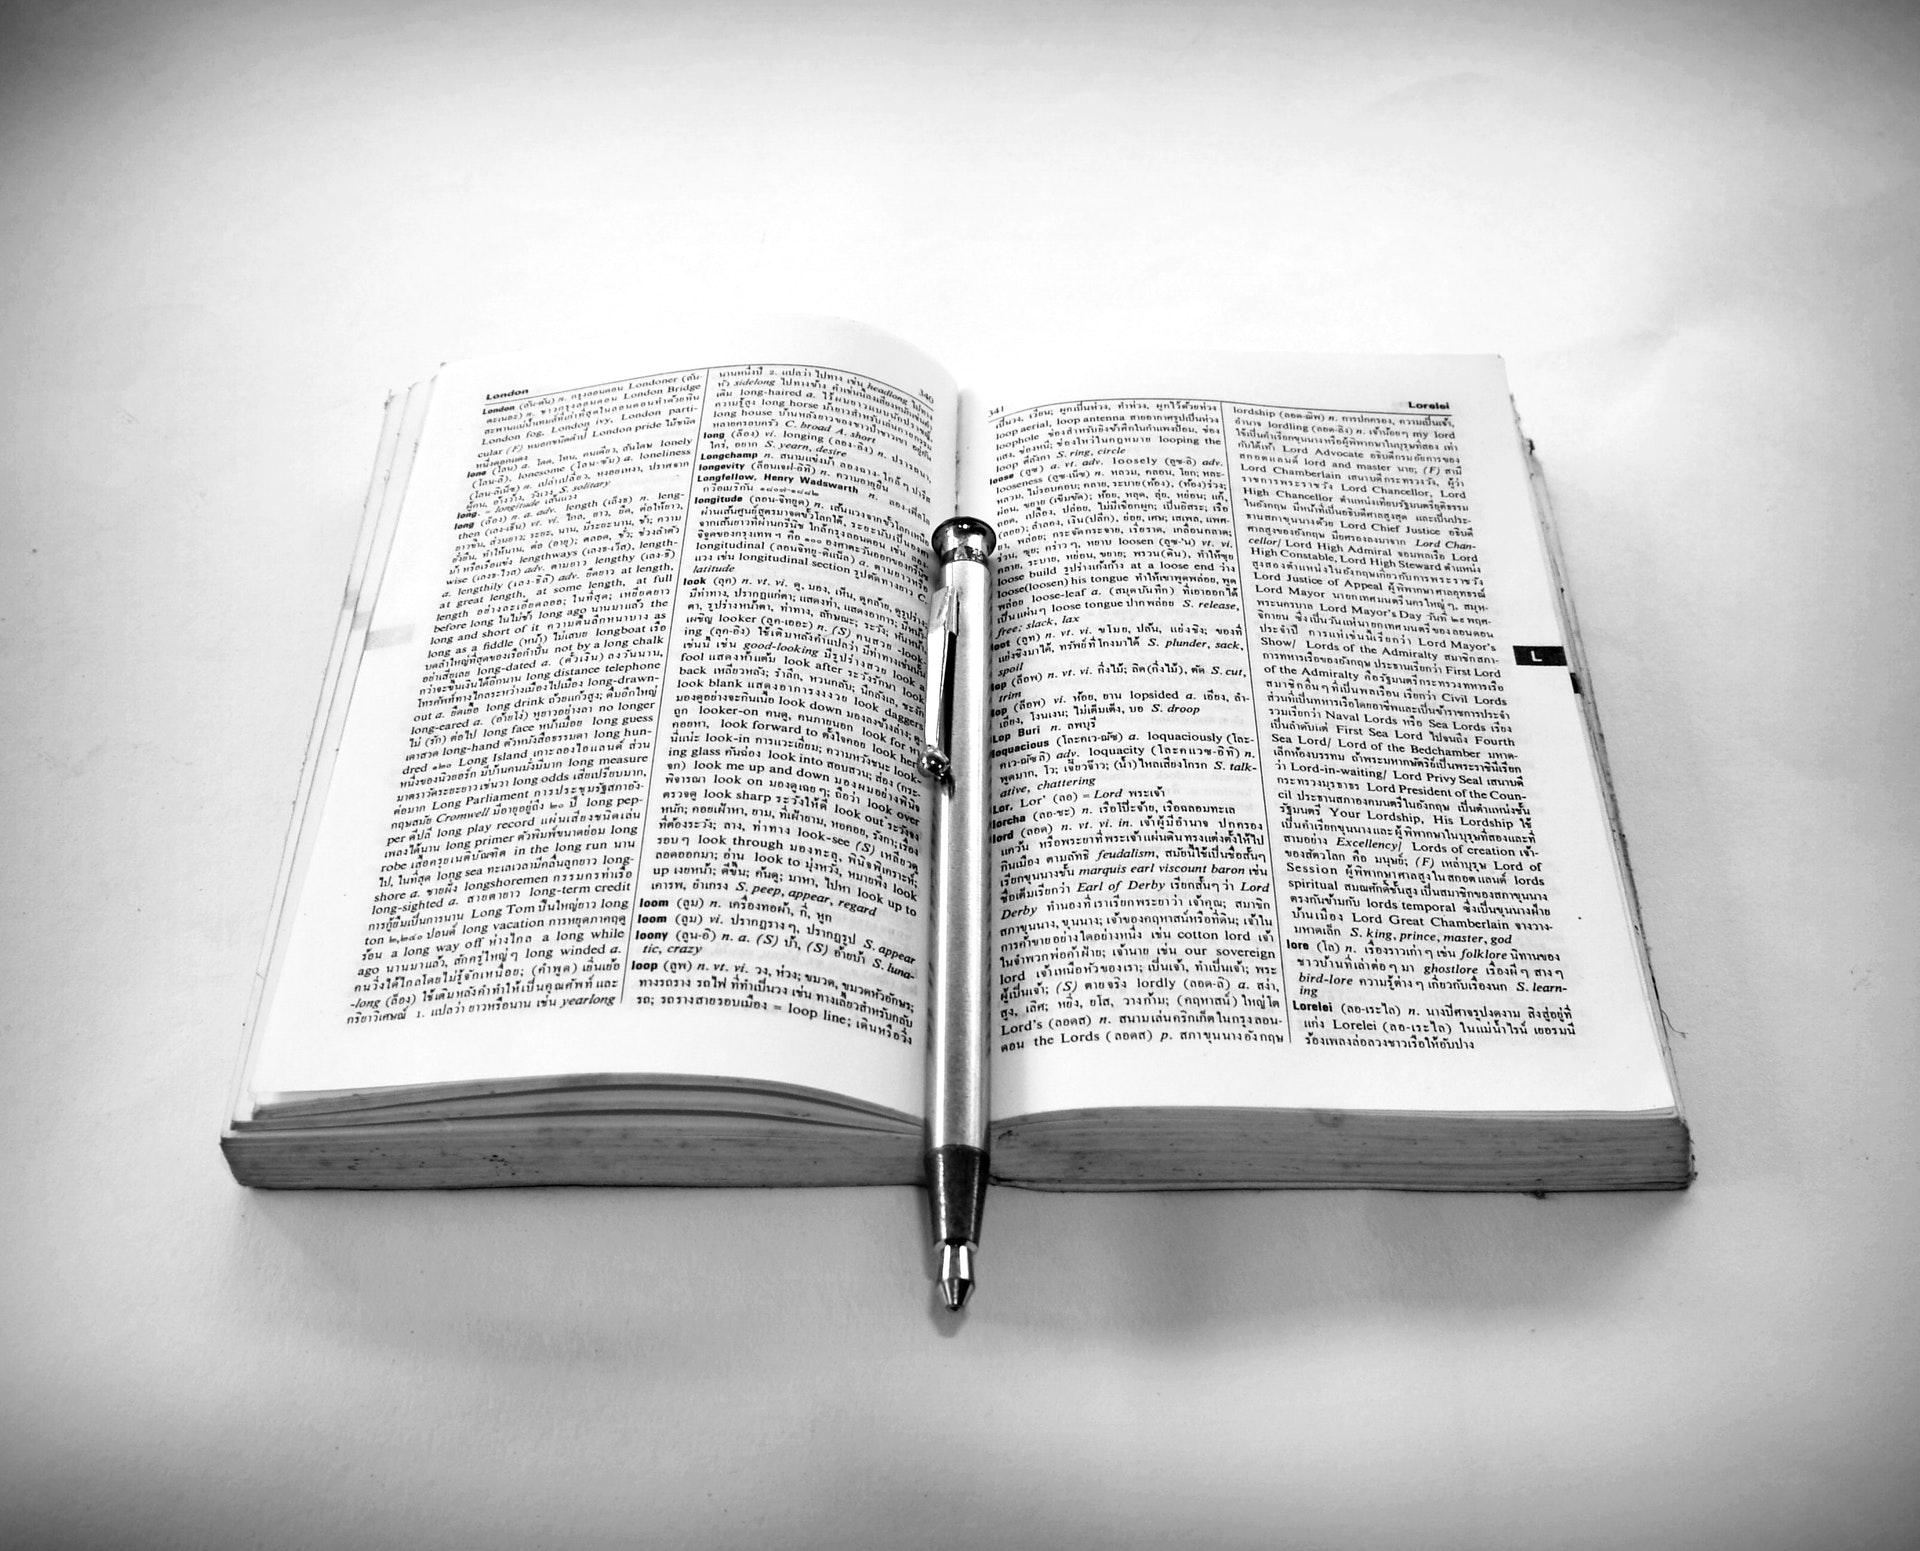 Lamy Vulpen Converters – Waarom Ik Hou Ze Zo Veel